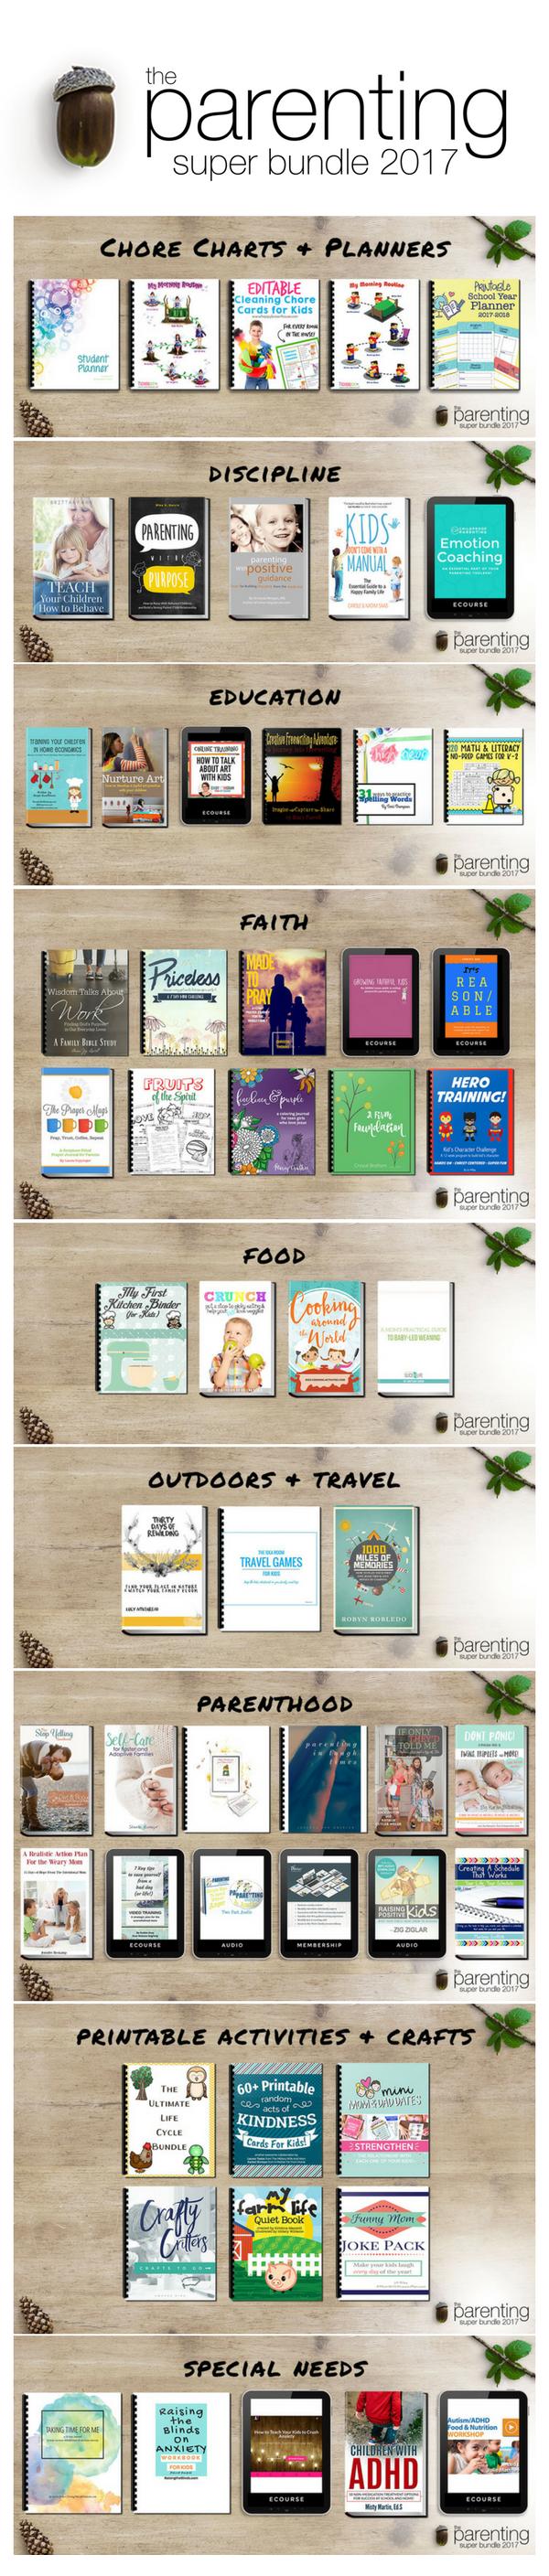 The Parenting Super Bundle Online Book List